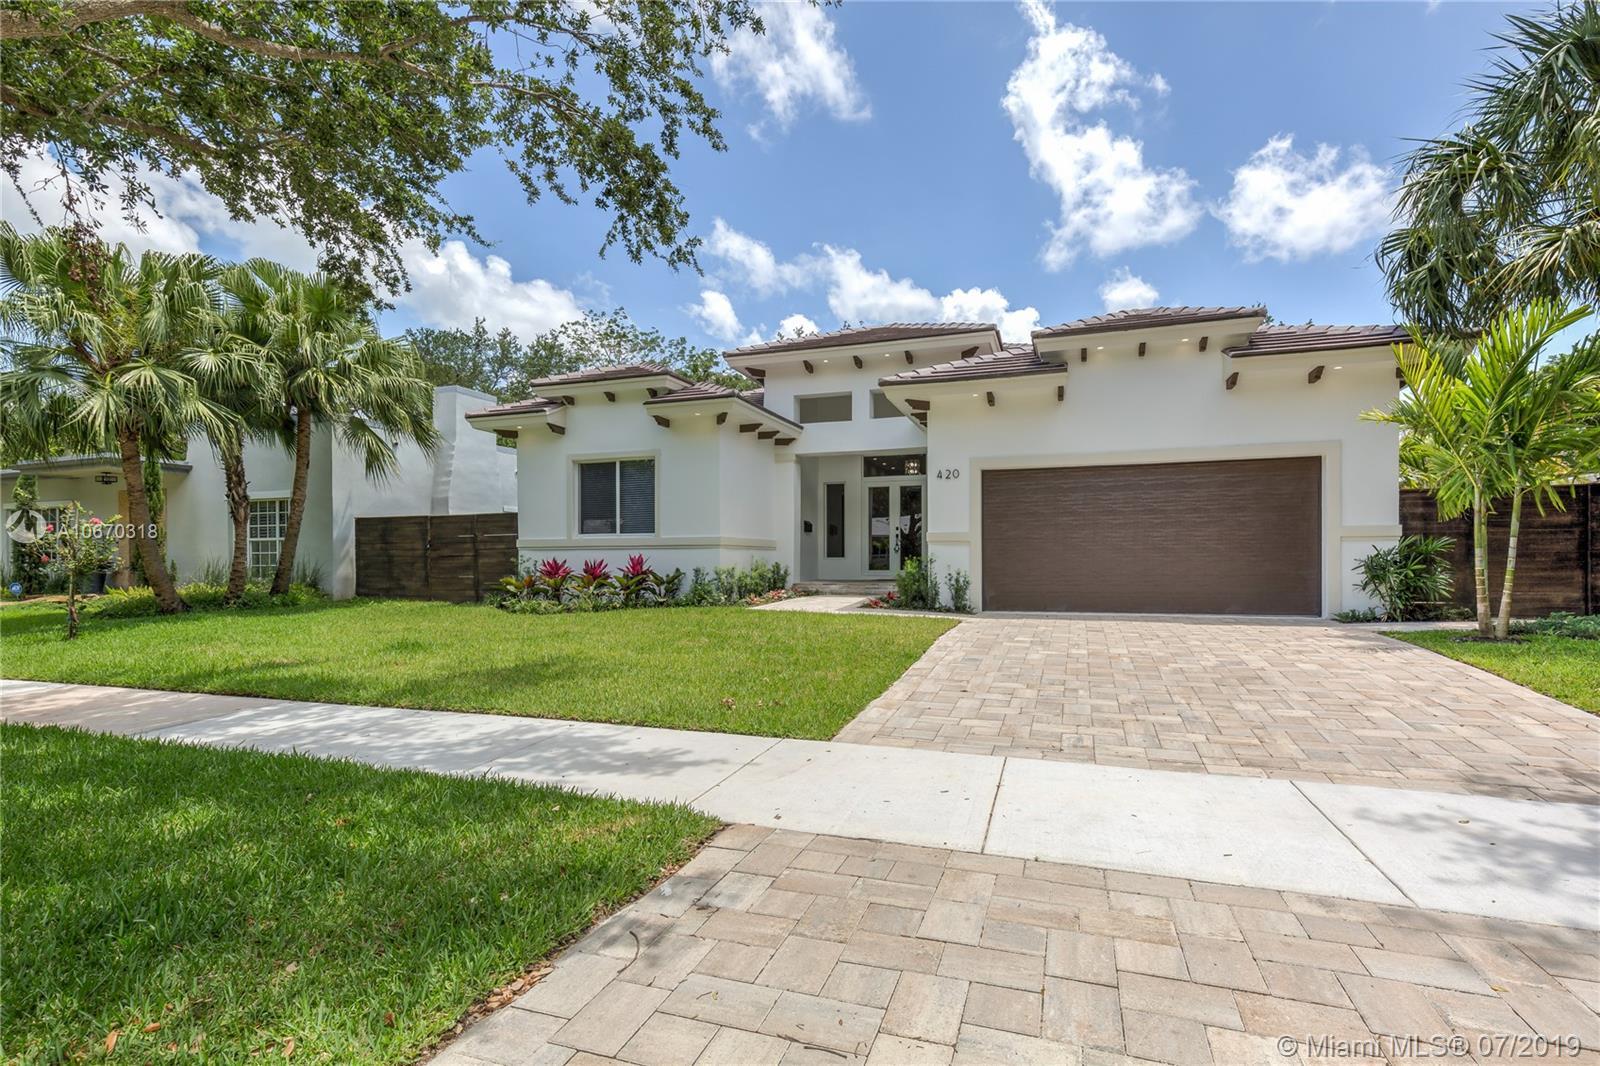 420 Ne 91st St Miami Shores, FL 33138